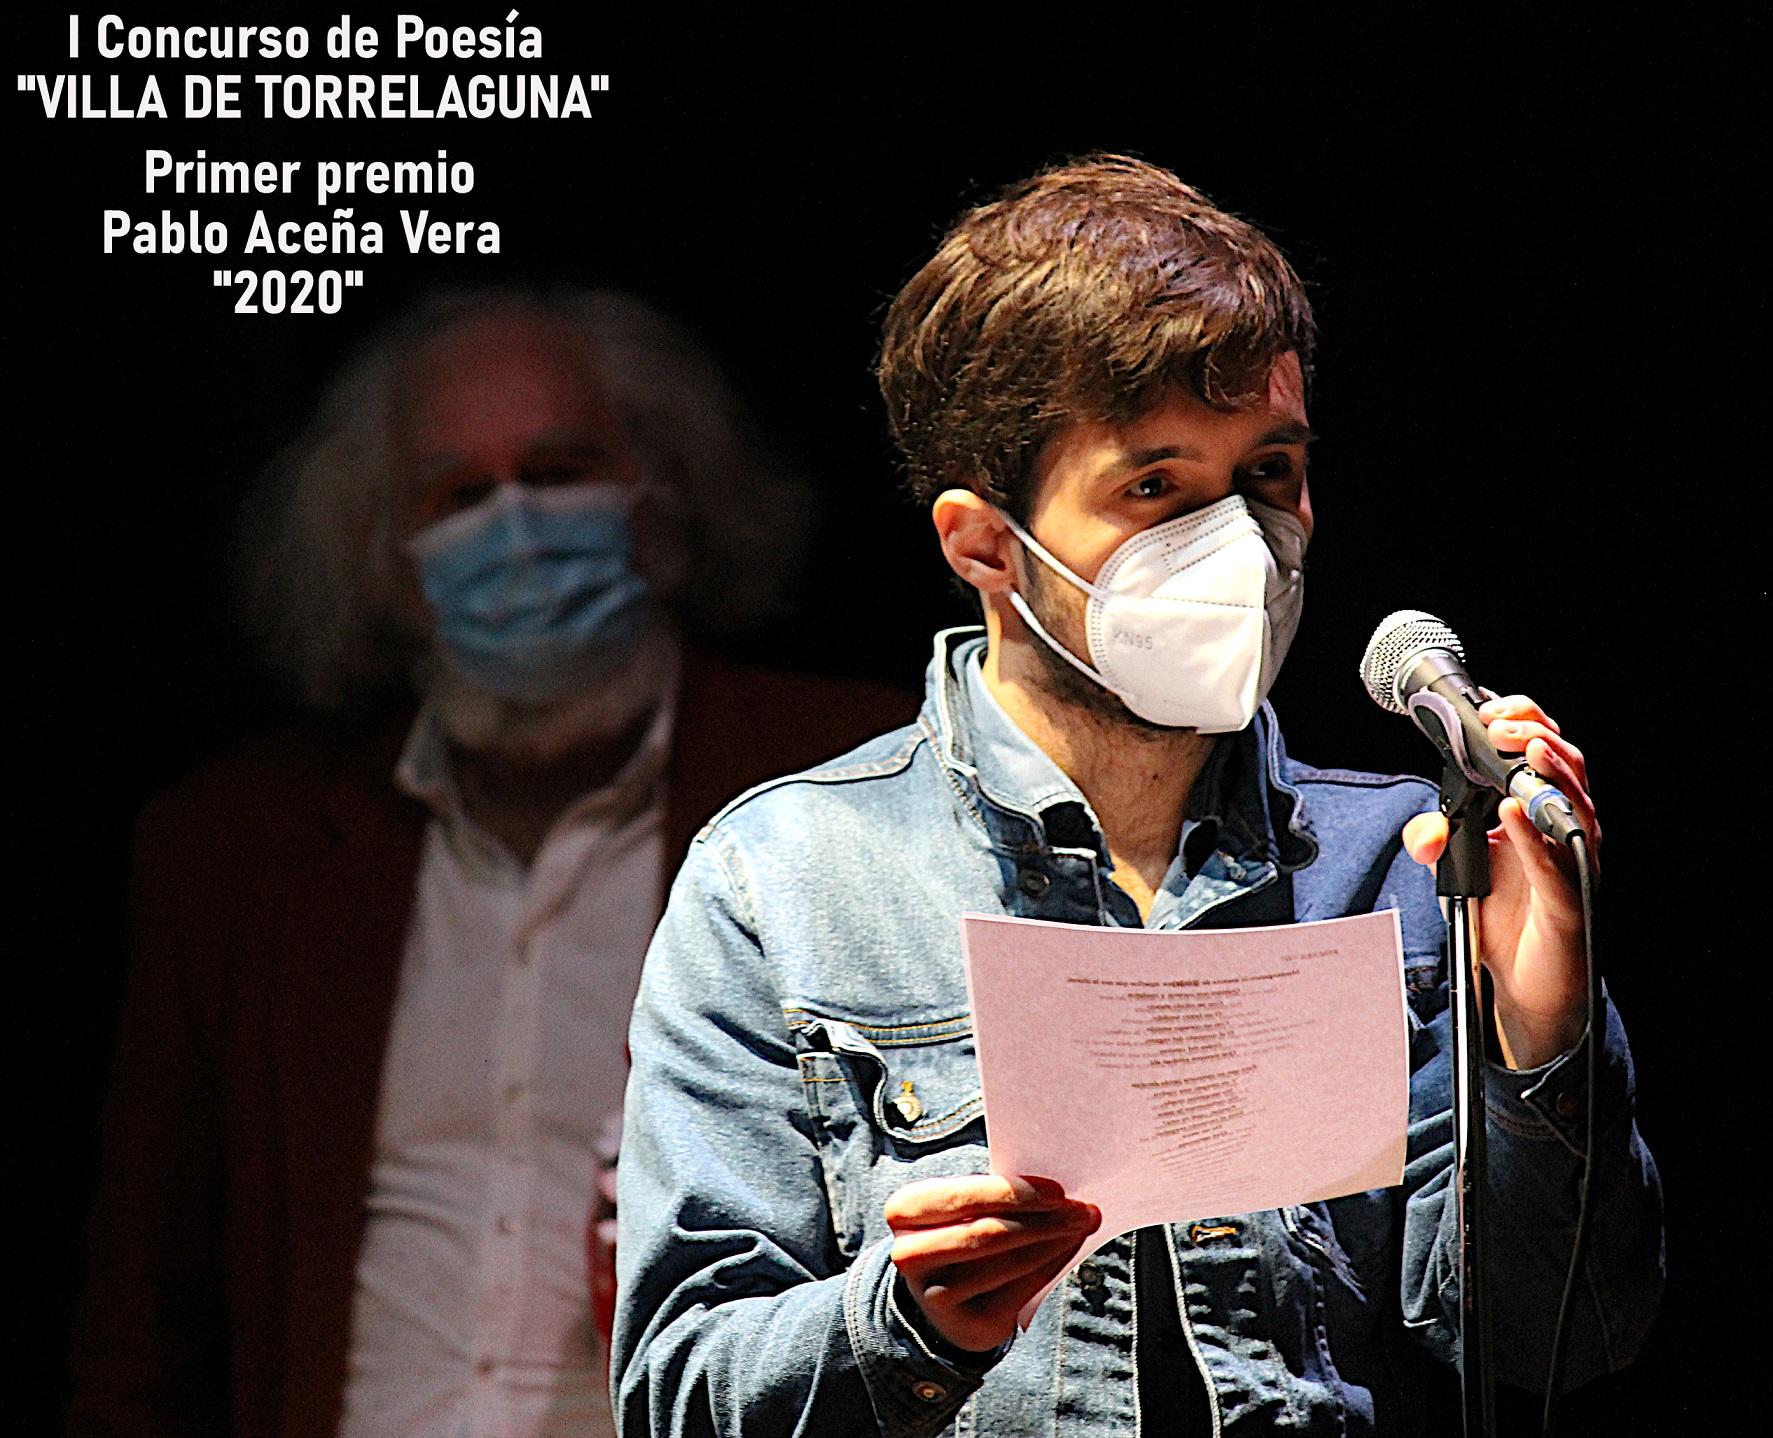 Primer Premio:  2020 - Autor: Pablo Aceña Vera